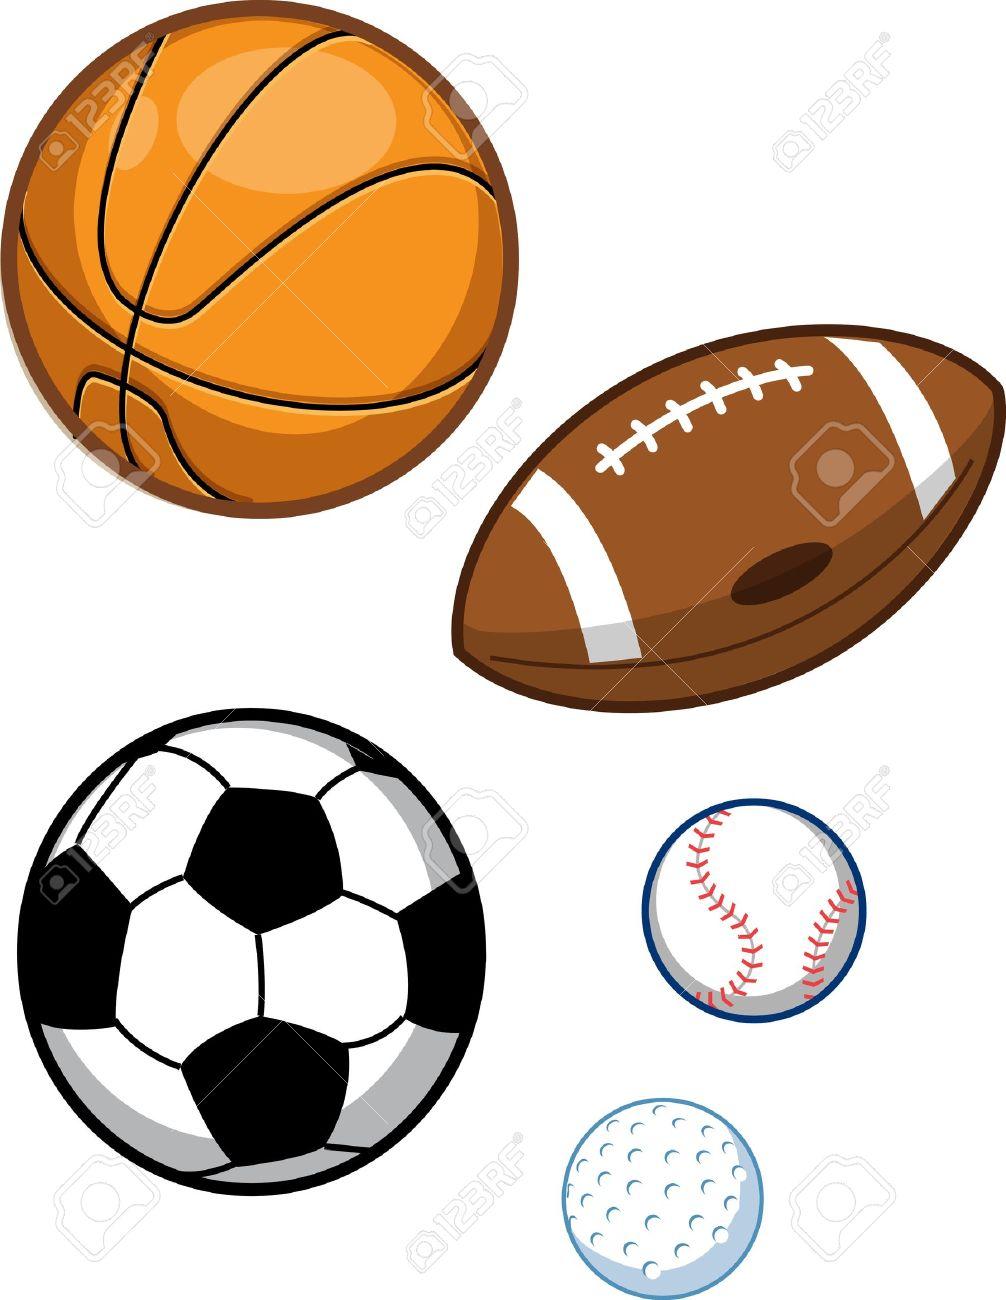 d82a9a155eb1e Foto de archivo - Surtido de bolas de los deportes